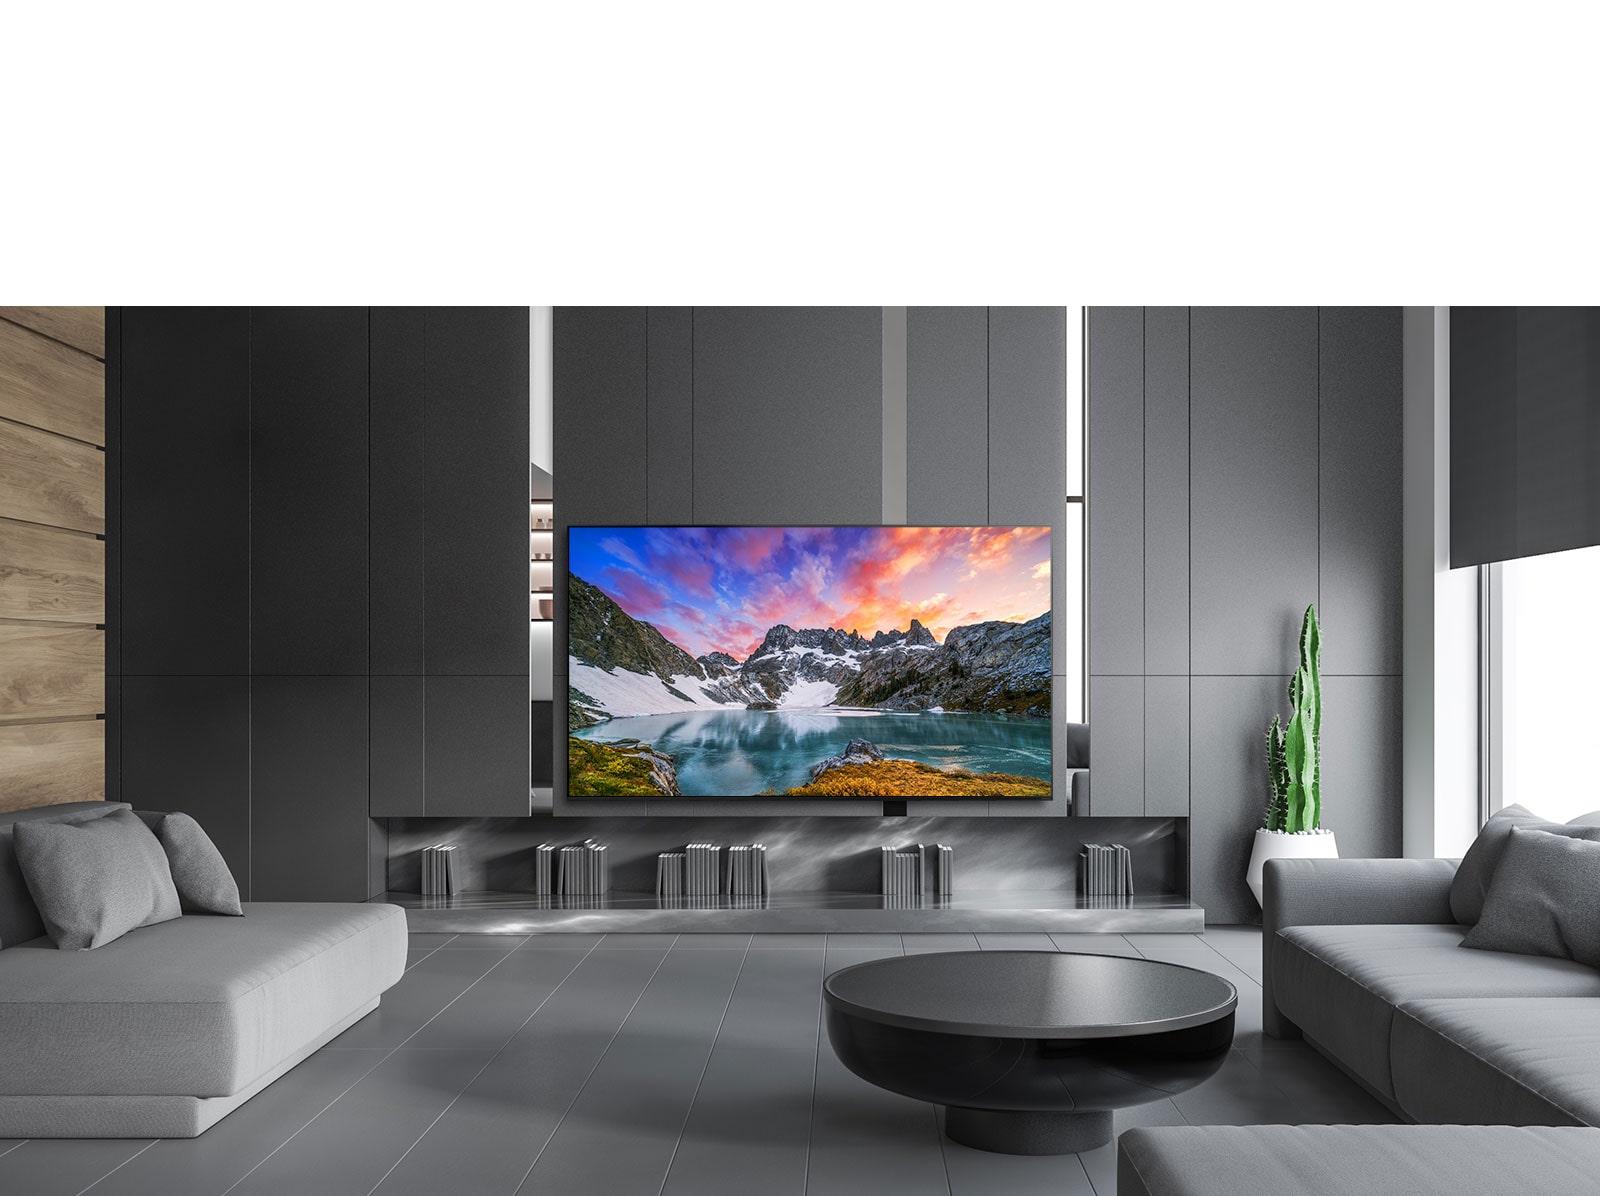 تلفزيون يعرض منظرًا طبيعيًا لمستوى العين في منزل فخم